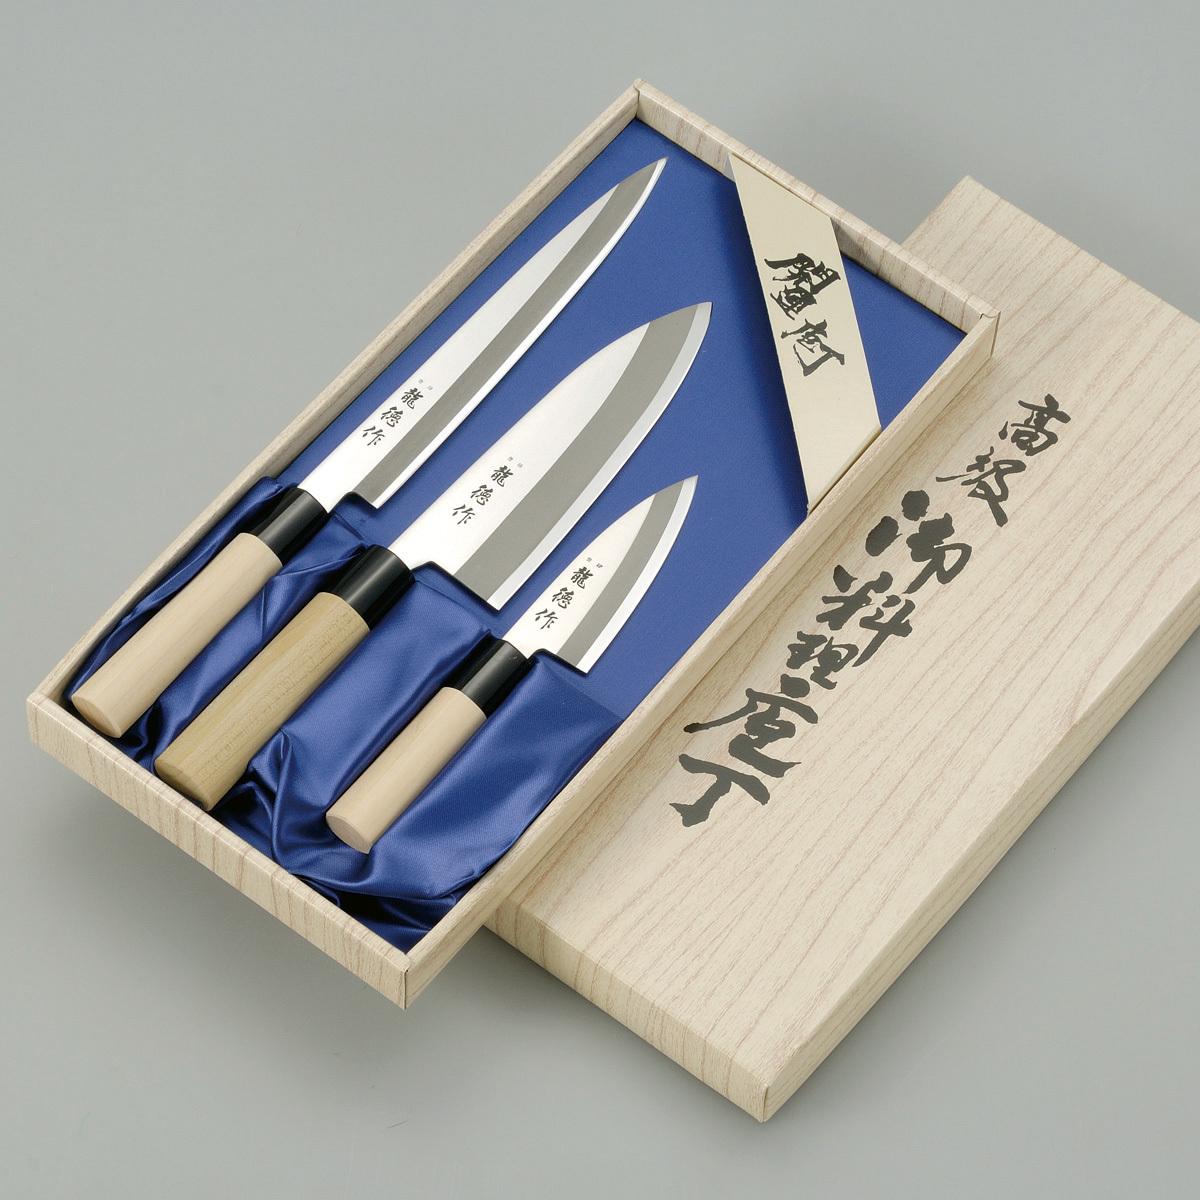 Набор из 3 кухонный стальных ножей Tojiro Ryuutoku-saku FC-123Tojiro Japanese Knife<br>Набор из 3 кухонный стальных ножей Tojiro Ryuutoku-saku FC-123<br><br>В набор входит:<br><br>Нож Мини Дэба 105мм<br>Нож Сантоку 170мм<br>Нож Янагиба210мм<br><br>Отличительные особенности<br>Что резать:<br><br>Нож Мини Дэба - предназначен дляотделение филе от кости, нарезки стейков, обезглавливание рыбы, рубка сухожилийихрящей.<br>Нож Сантоку - подходит для нарезки любых продуктов (мясо, рыба, овощи, фрукты).<br>Нож Янагиба - предназначен для нарезки рыбного филе,для приготовления суши, сашими и других характерных японских блюд.<br><br>Материал лезвия:сталь Shirogami – это одна из древнейших технологий в производстве высокоуглеродистых сталей, так называемые «чистые стали», практически без примесей легирующих элементов. Простейшее, идеальное представление о стали – это сплав железа и углерода. Сталь Shirogami близка к такому идеалу. Такая сталь позволяет добиться эталонных режущих свойств, поэтому так ценится в стране Восходящего Солнца.<br>Материал рукоятки:деревянная рукаятка обладает легким весом и отлично лежит в руке.<br>Кому подойдет:хорошее соотношение цена-качество, отлично подойдет как для домашнего использования, так и для Шеф поваров.<br>Официальный сертифицированный продавец TOJIRO<br>